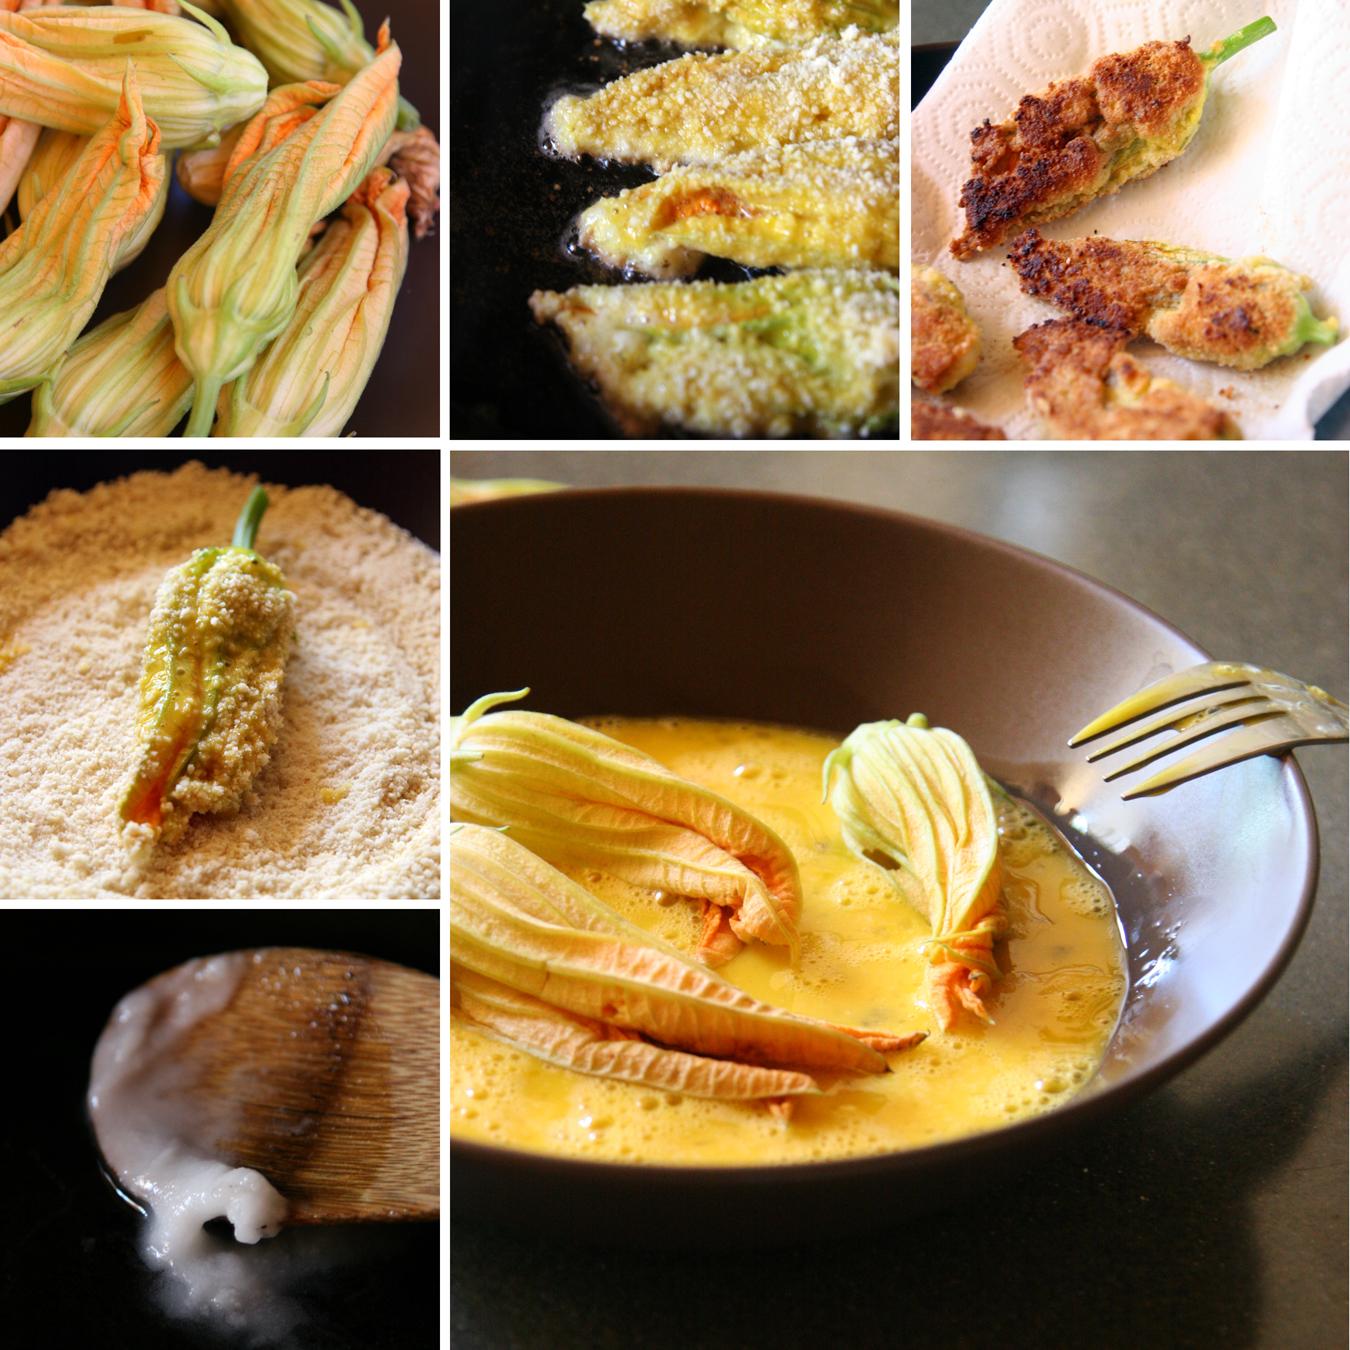 zucchinihowto